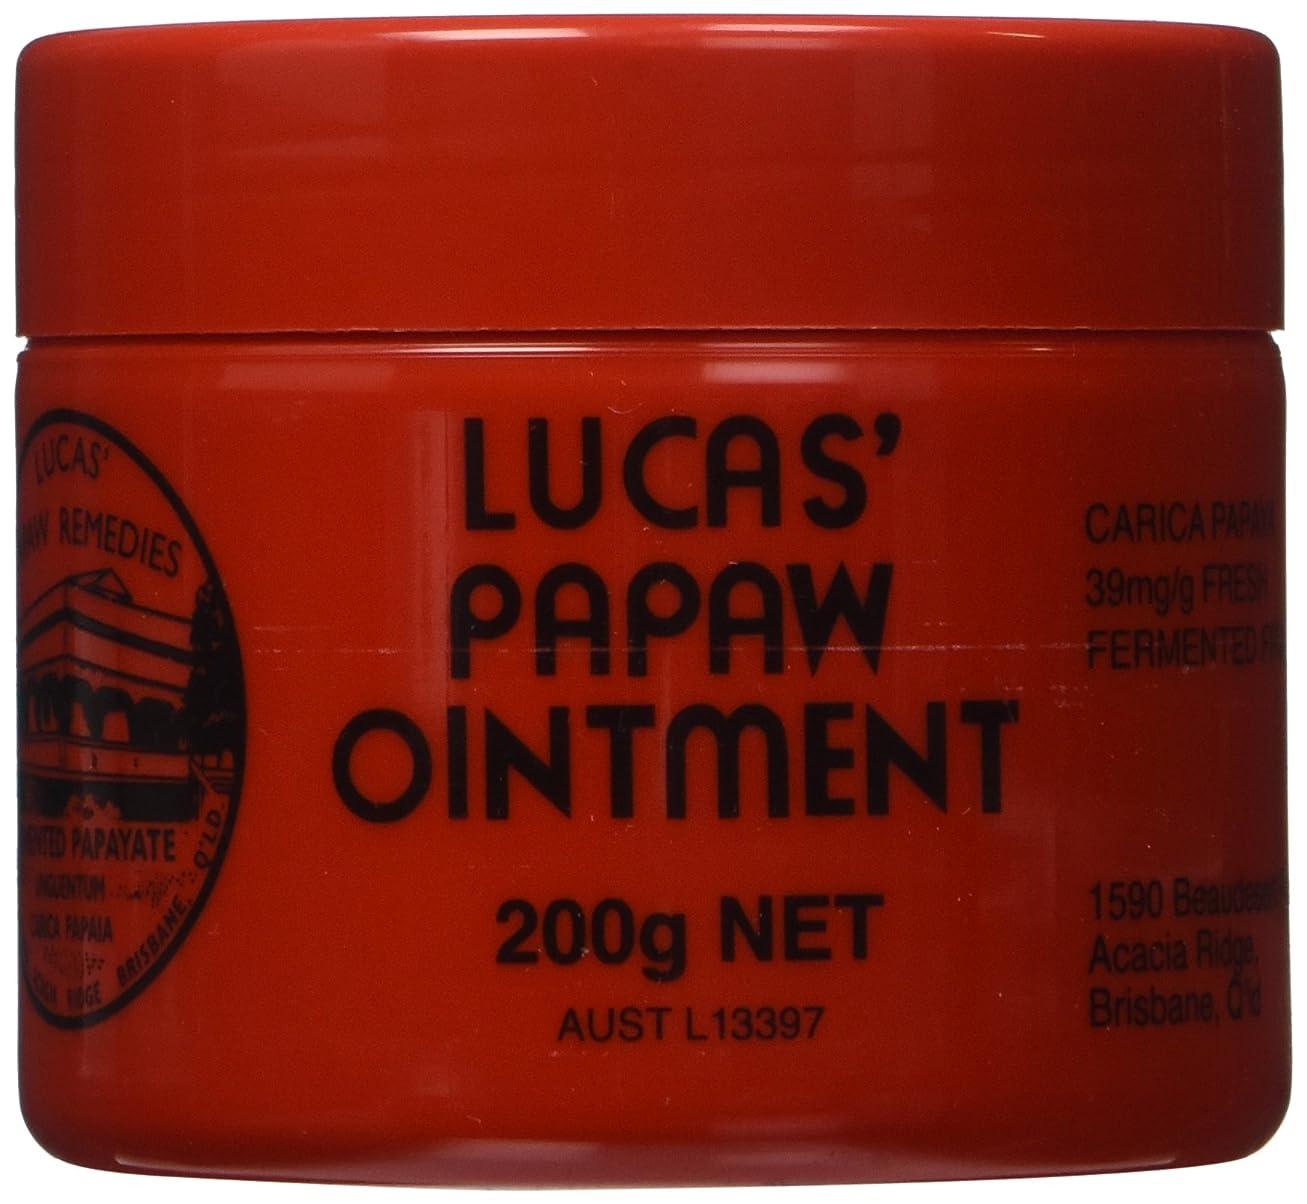 ポインタフィラデルフィア本能Lucas Papaw Ointment 200g